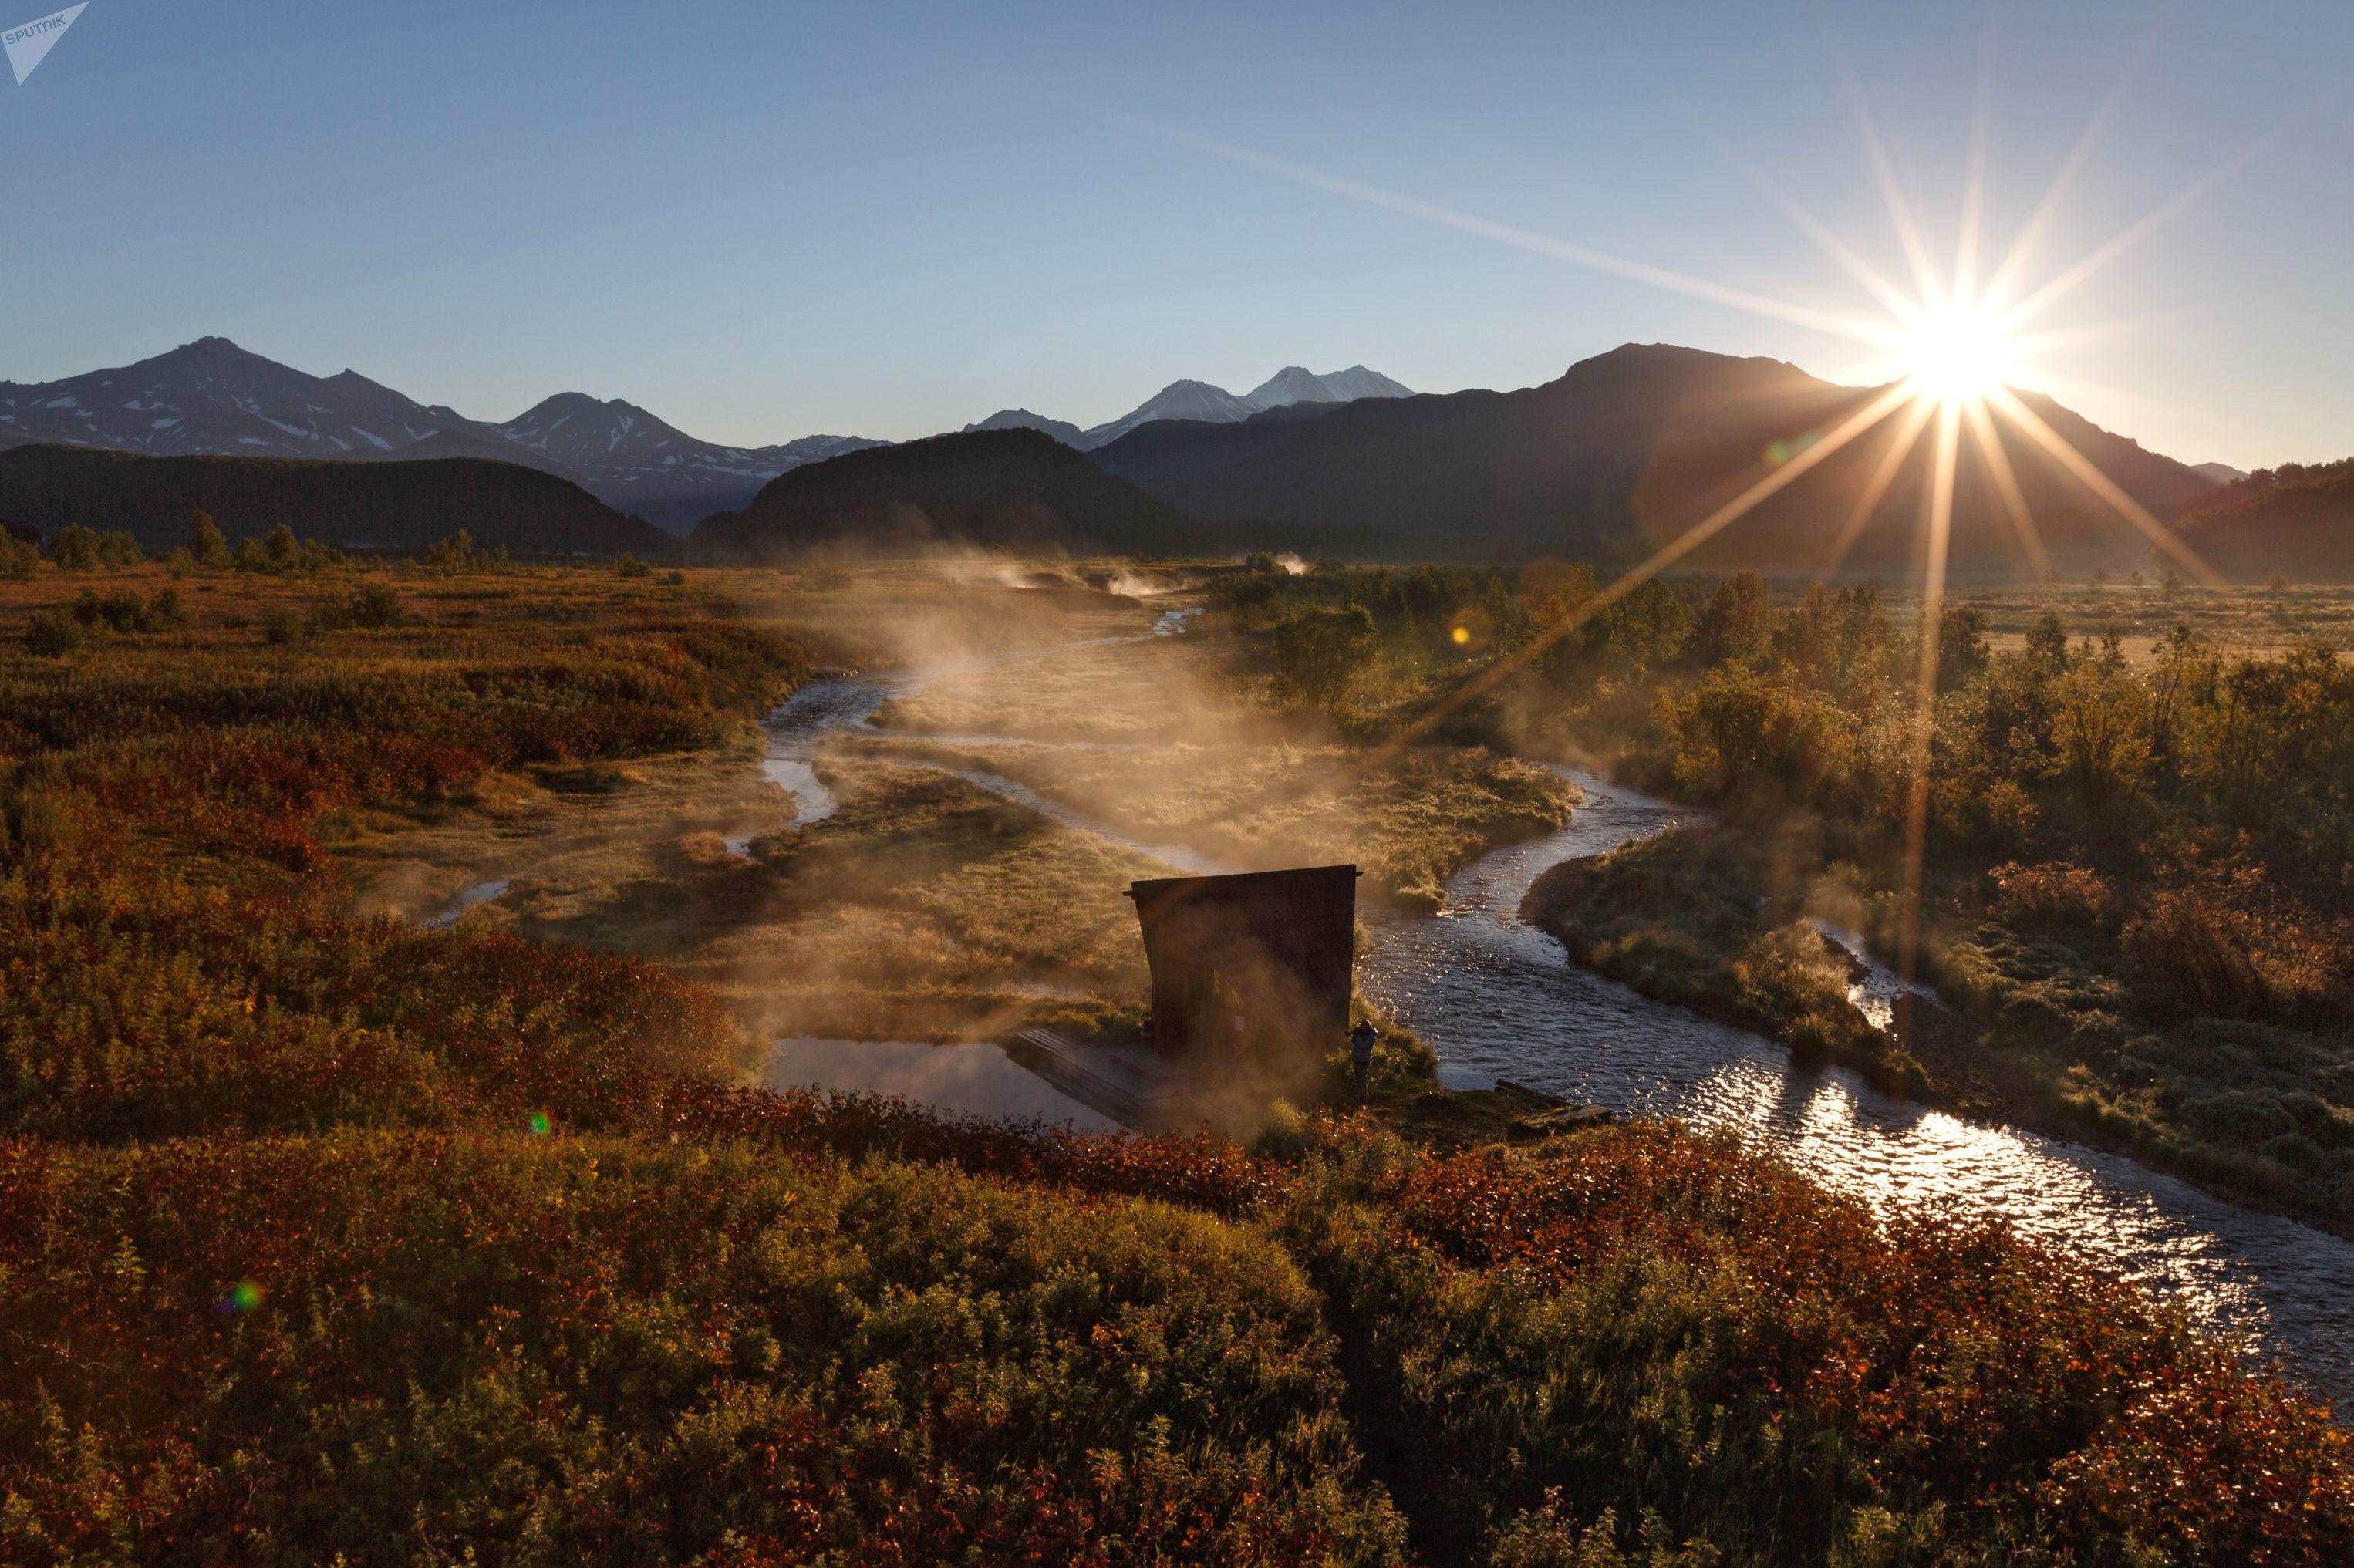 Pôr do sol em Kamchatka, região que, além de receber poderosos subarinos estratégicos, ainda é uma das destinações turísticas mais cobiçadas da Rússia